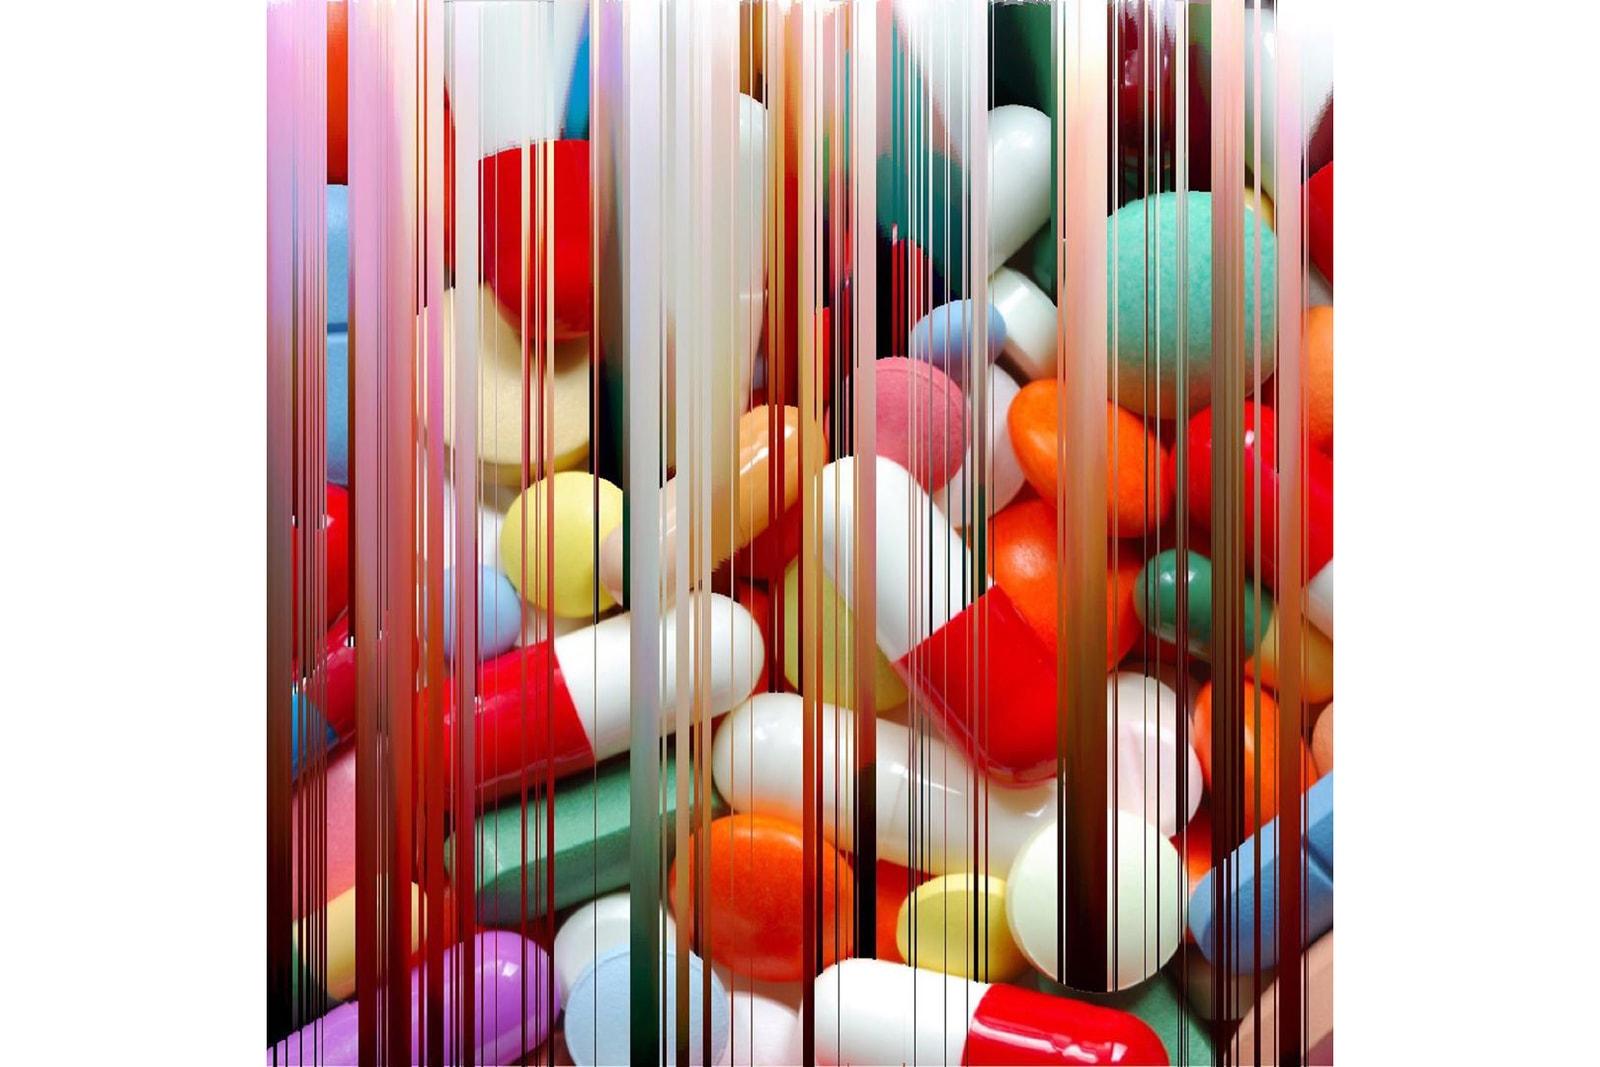 Futura 為疫情創作的 20 張相關作品正式發佈